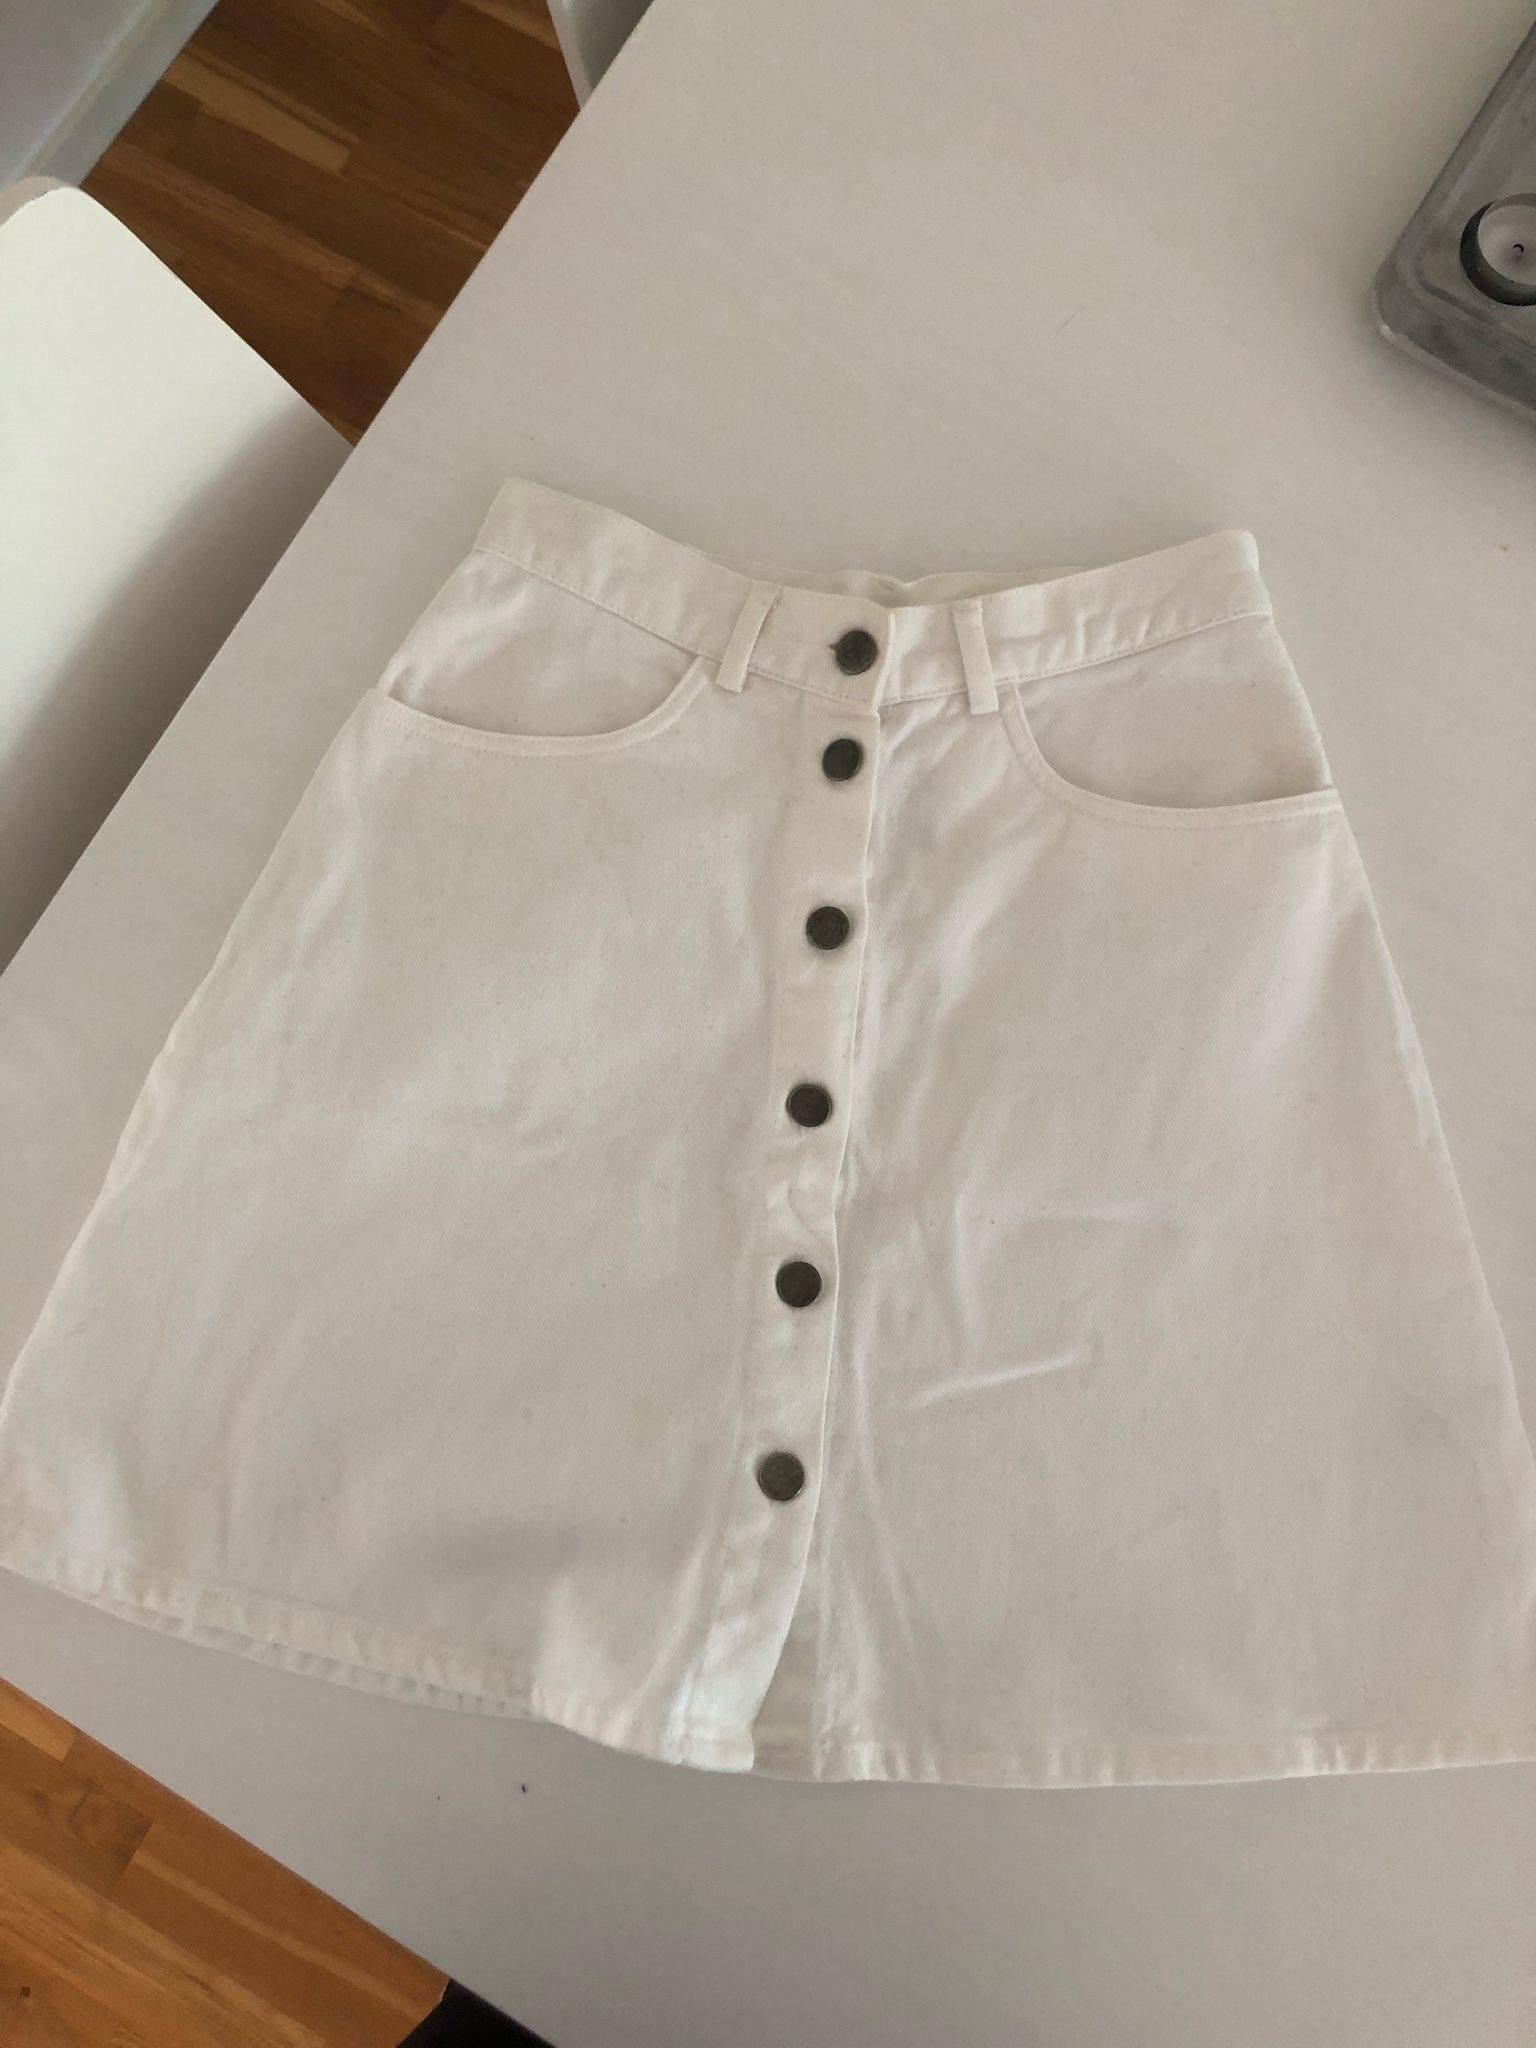 vit jeanskjol med knappar